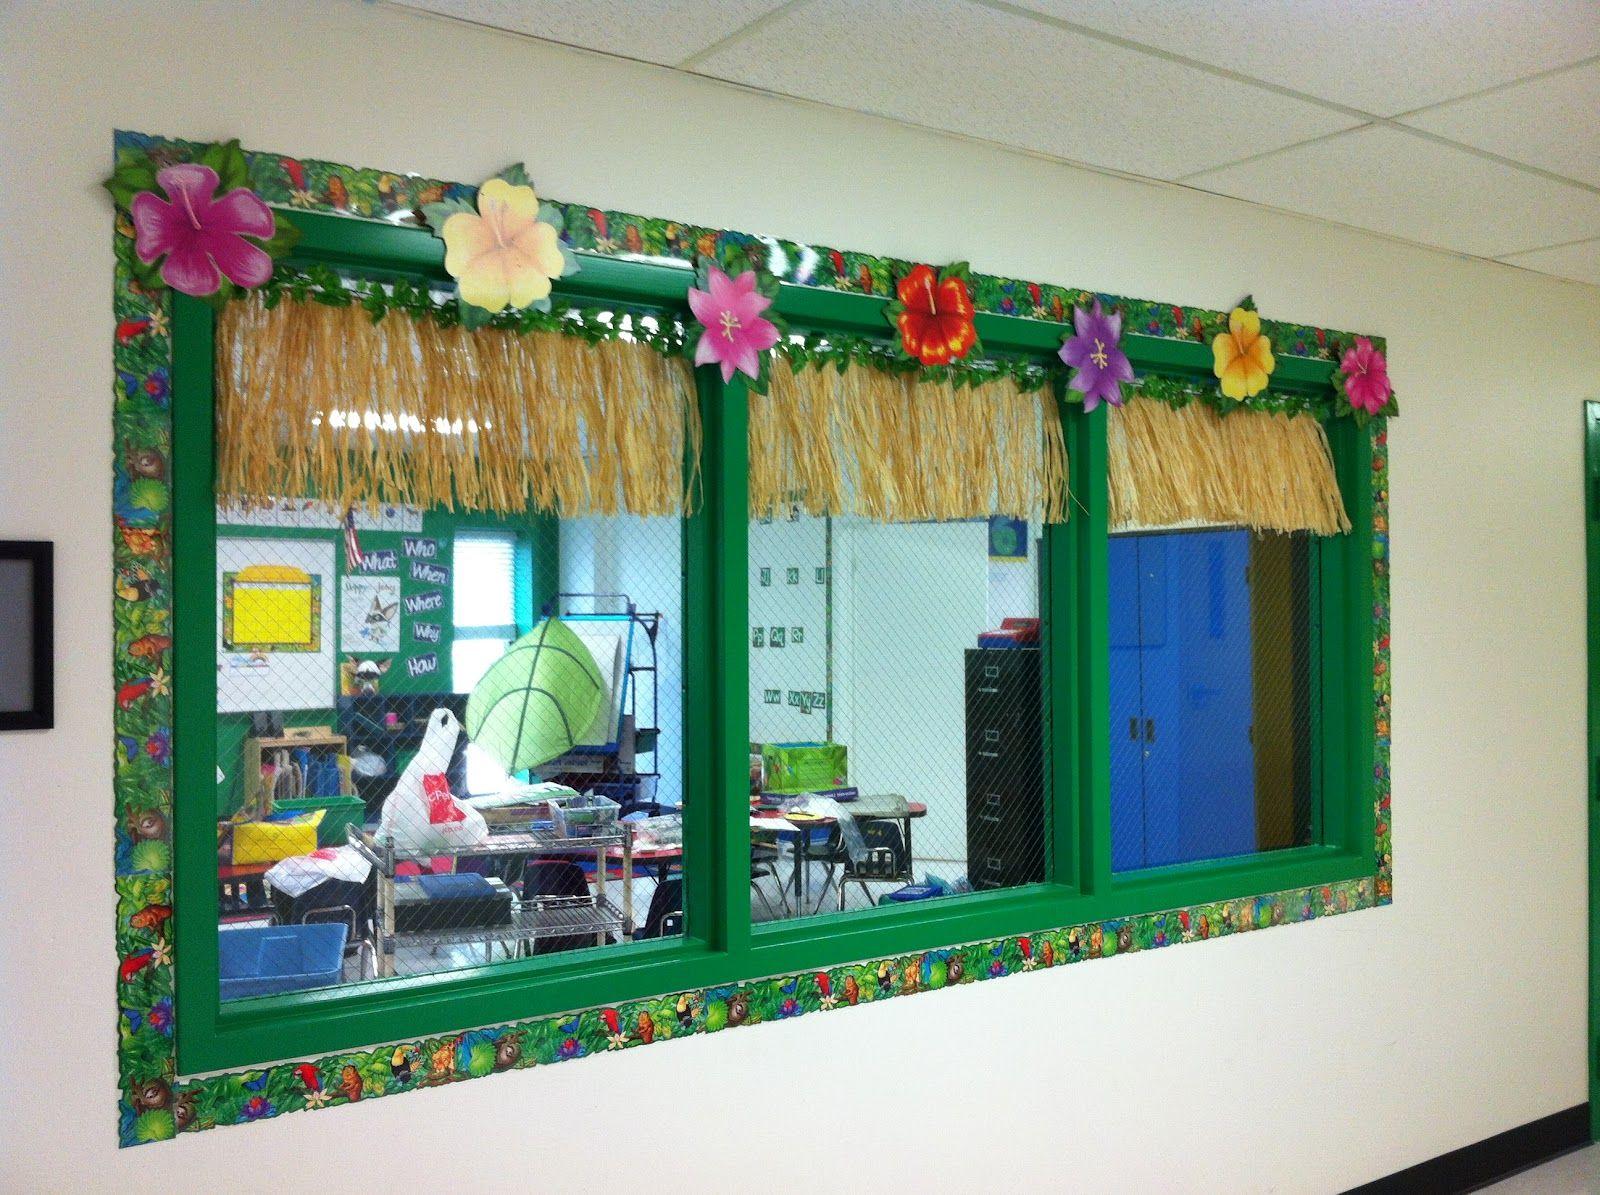 Kindergarten classroom window - Decorated Hallway Window Looking Into The Classroom